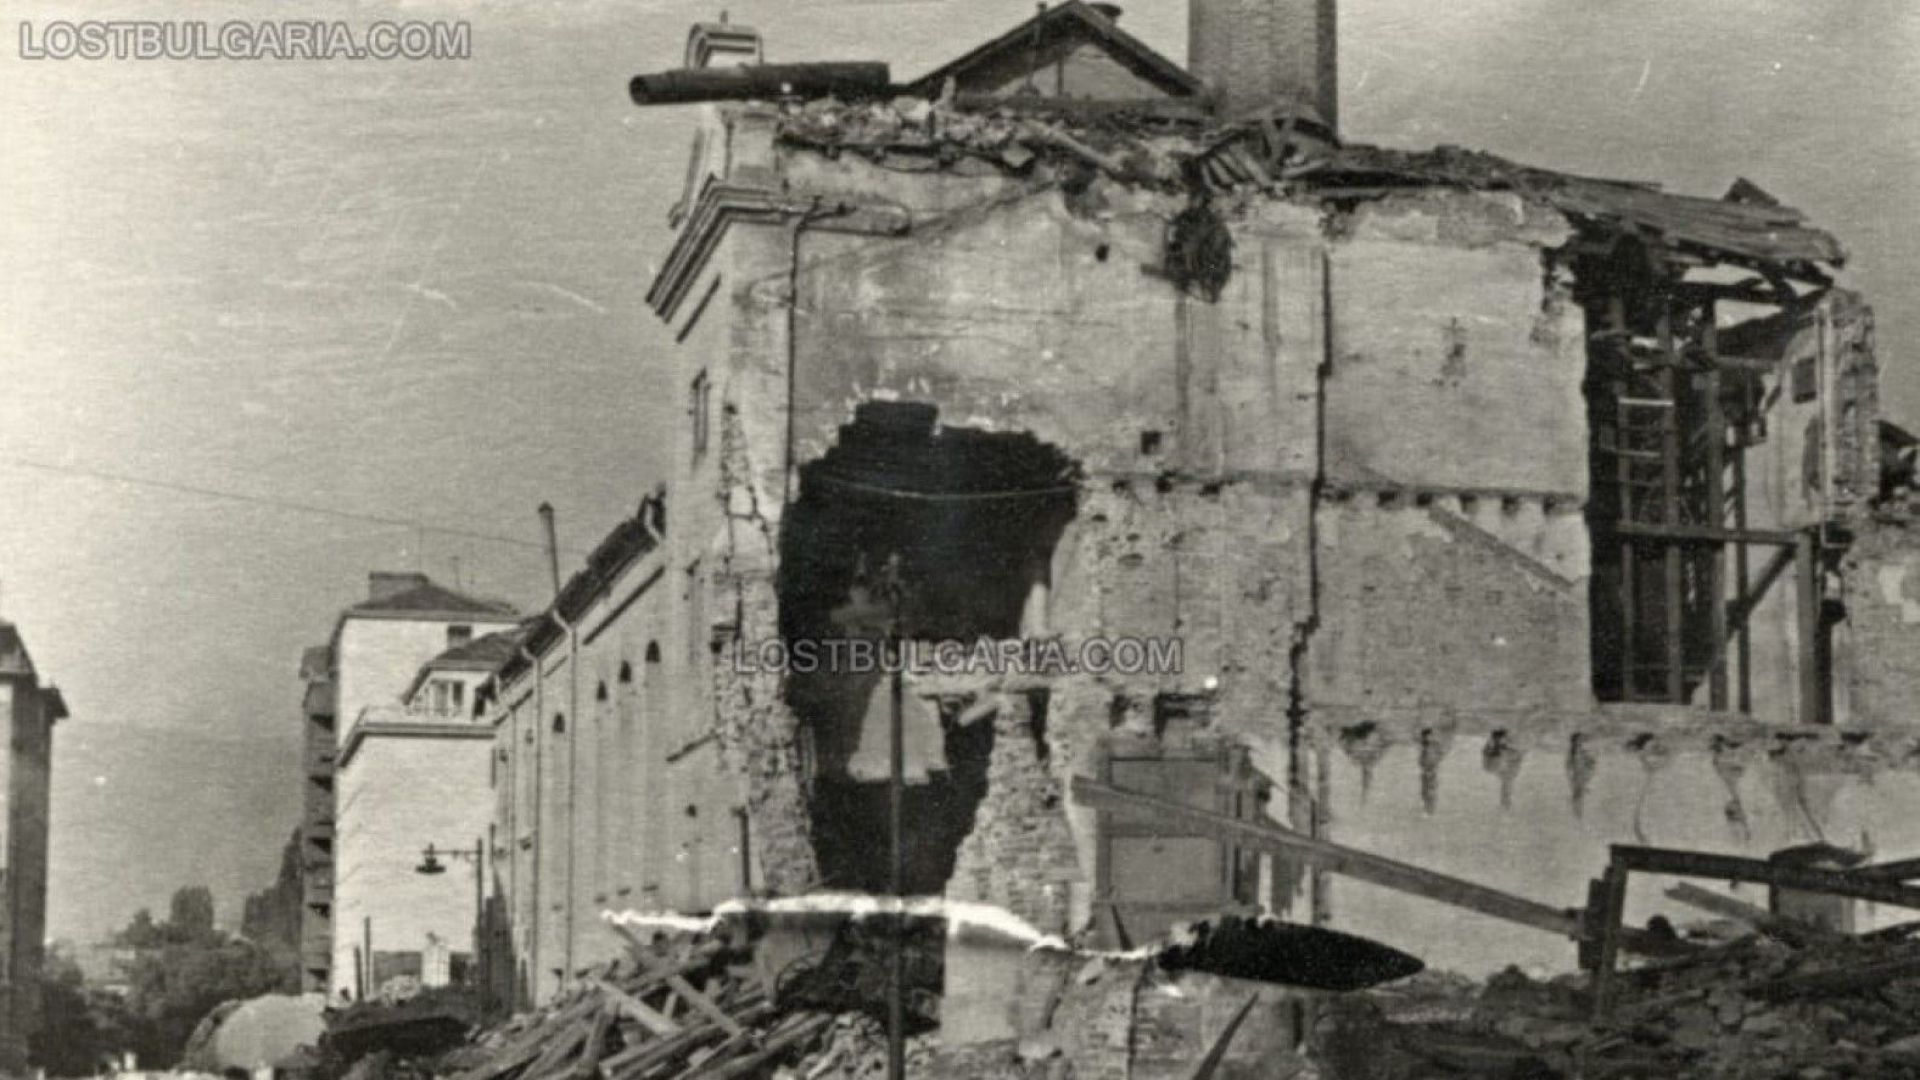 Акад. Георги Марков: Основният подбудител на бомбардировките над София е Уинстън Чърчил